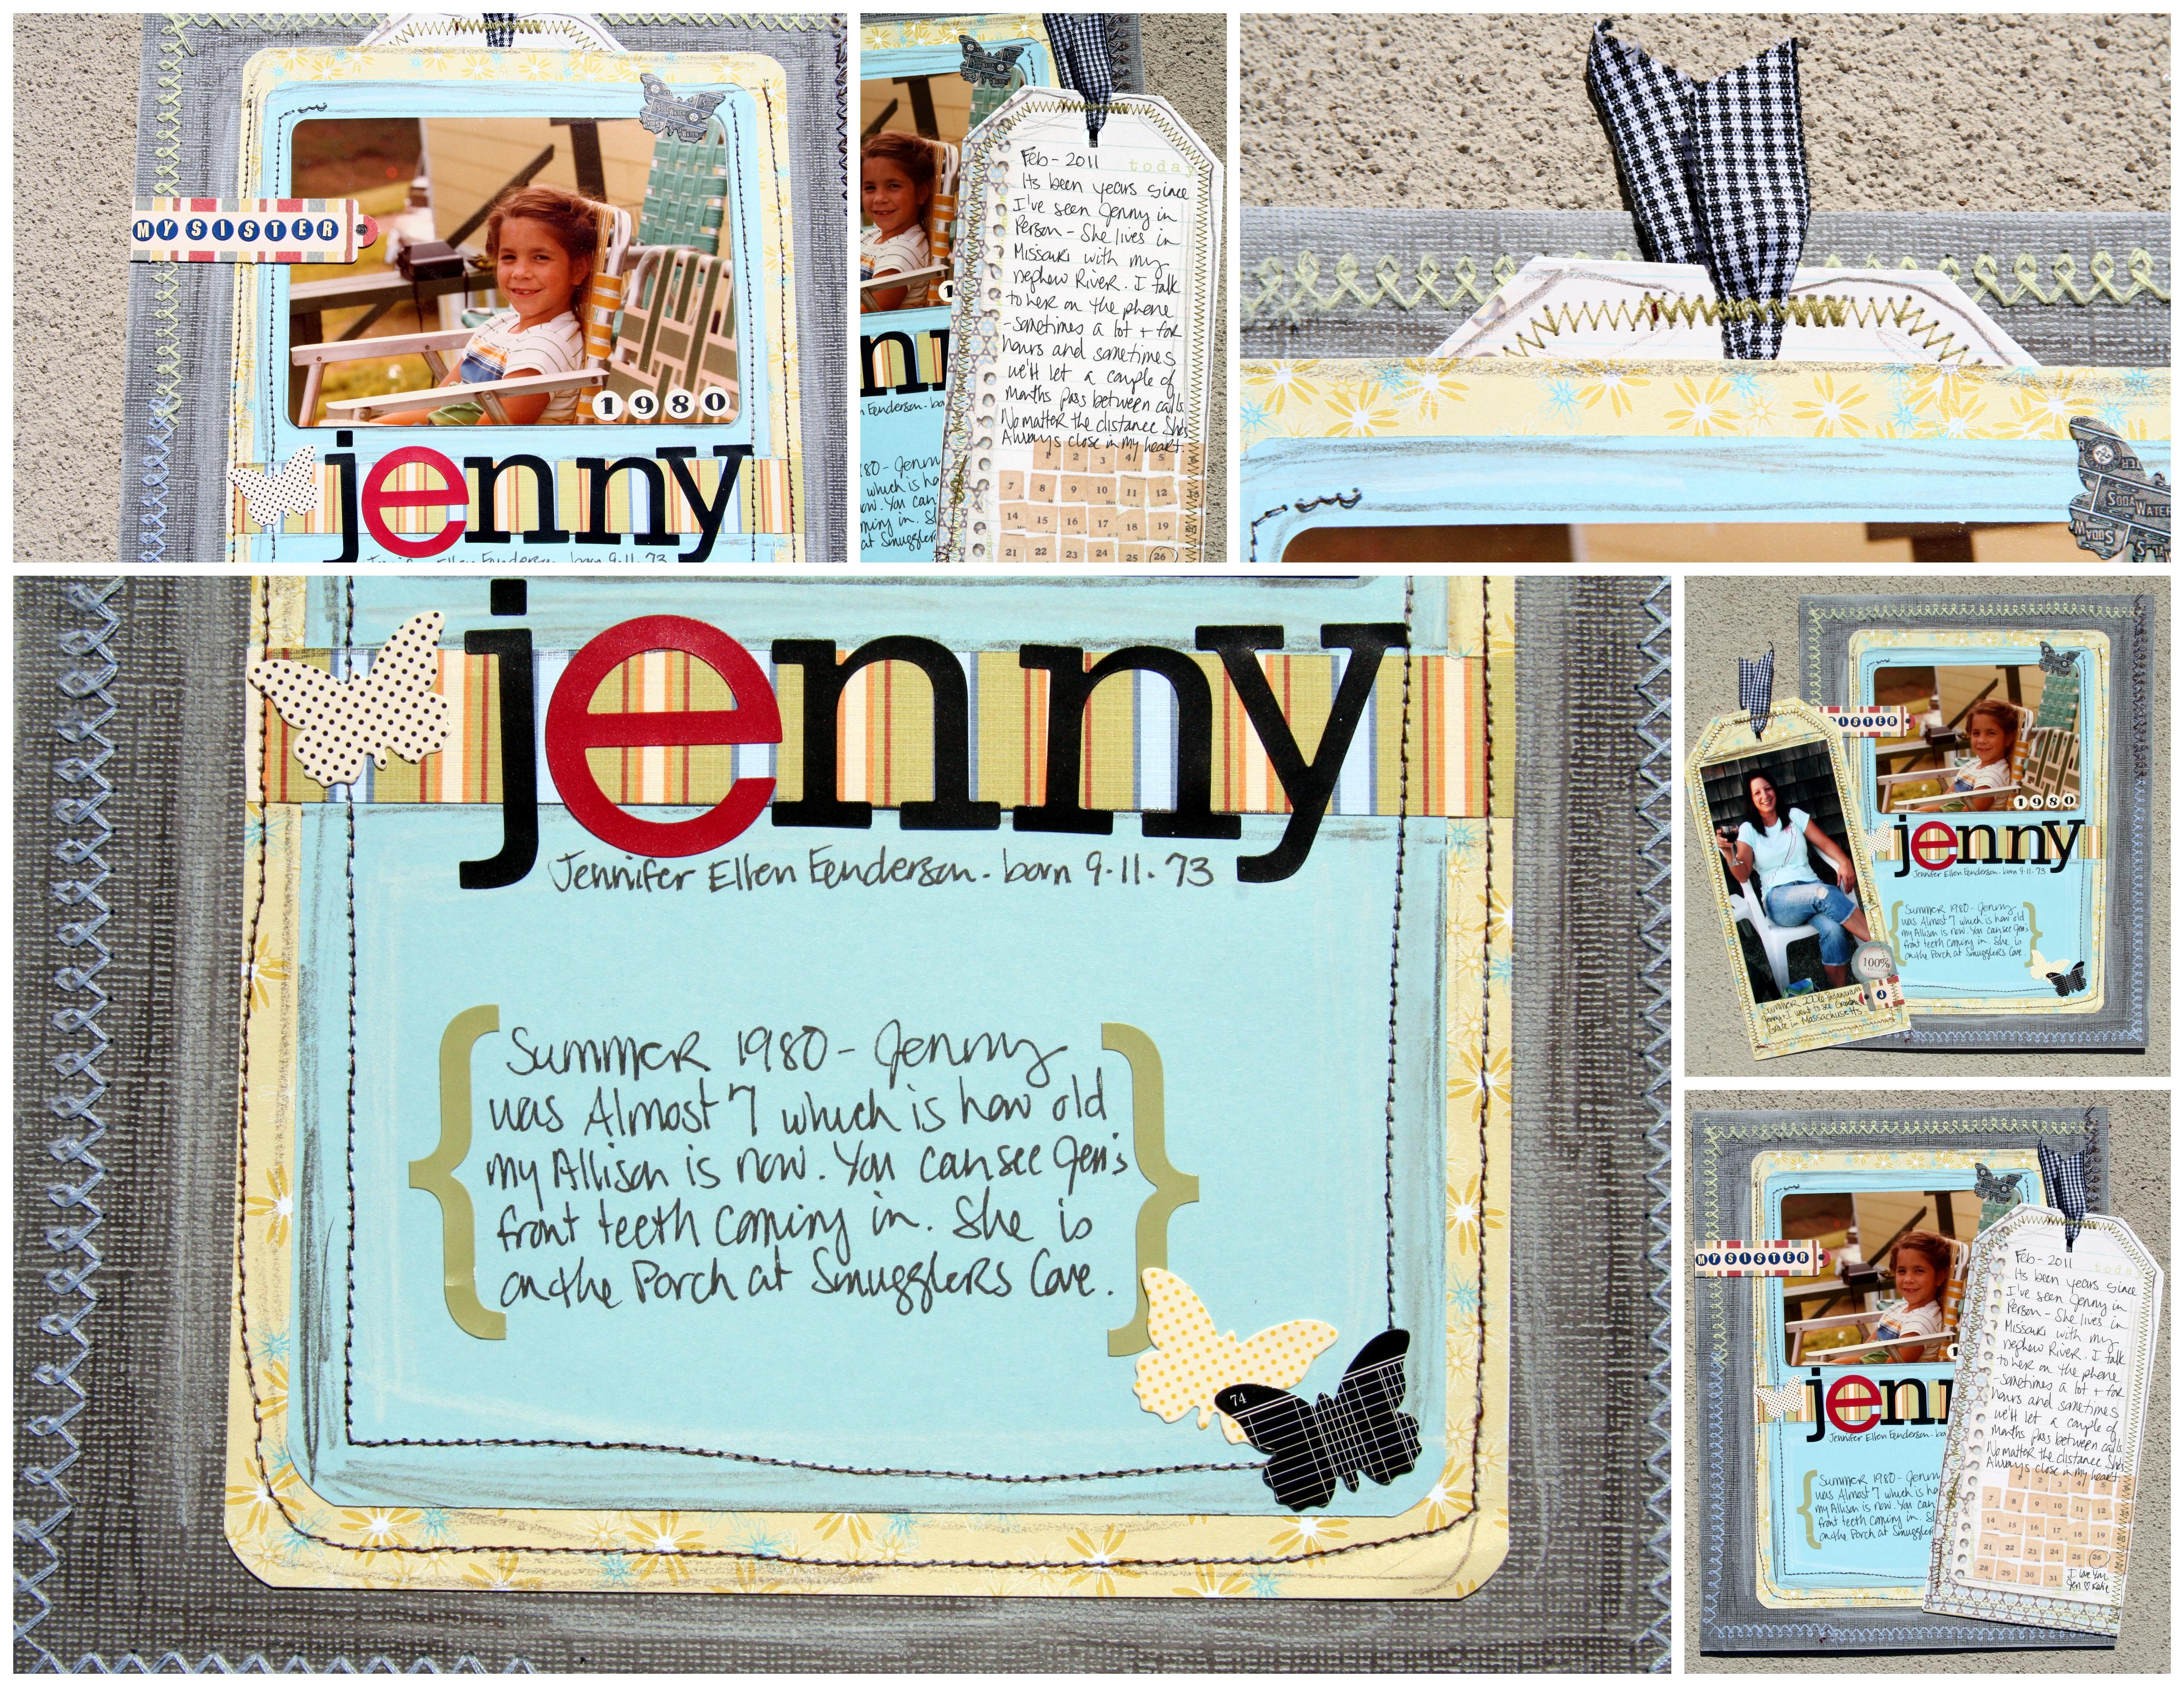 Ziplining scrapbook ideas - Jennycollage